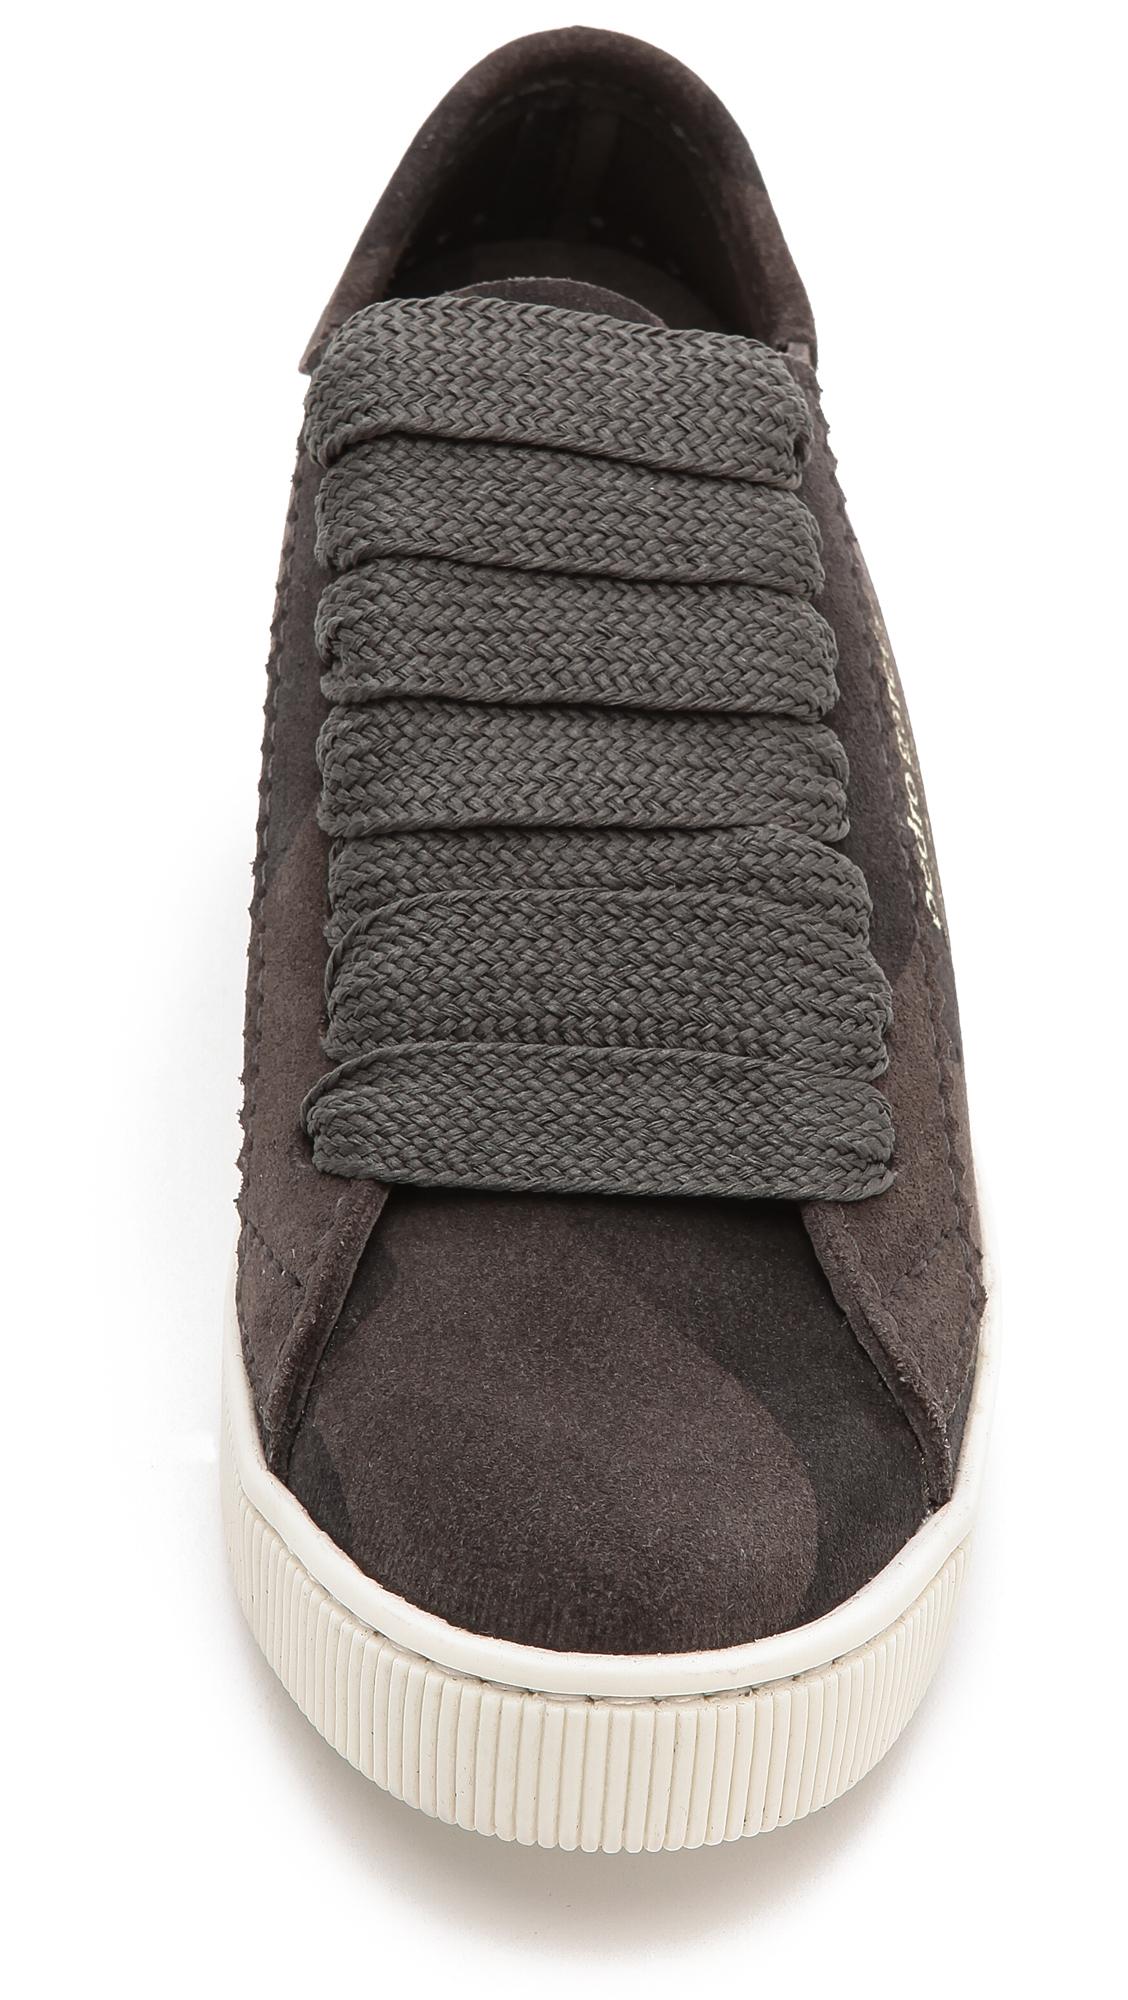 Pedro Garcia Perry Camo Suede Sneakers - Olive Camo in Grey